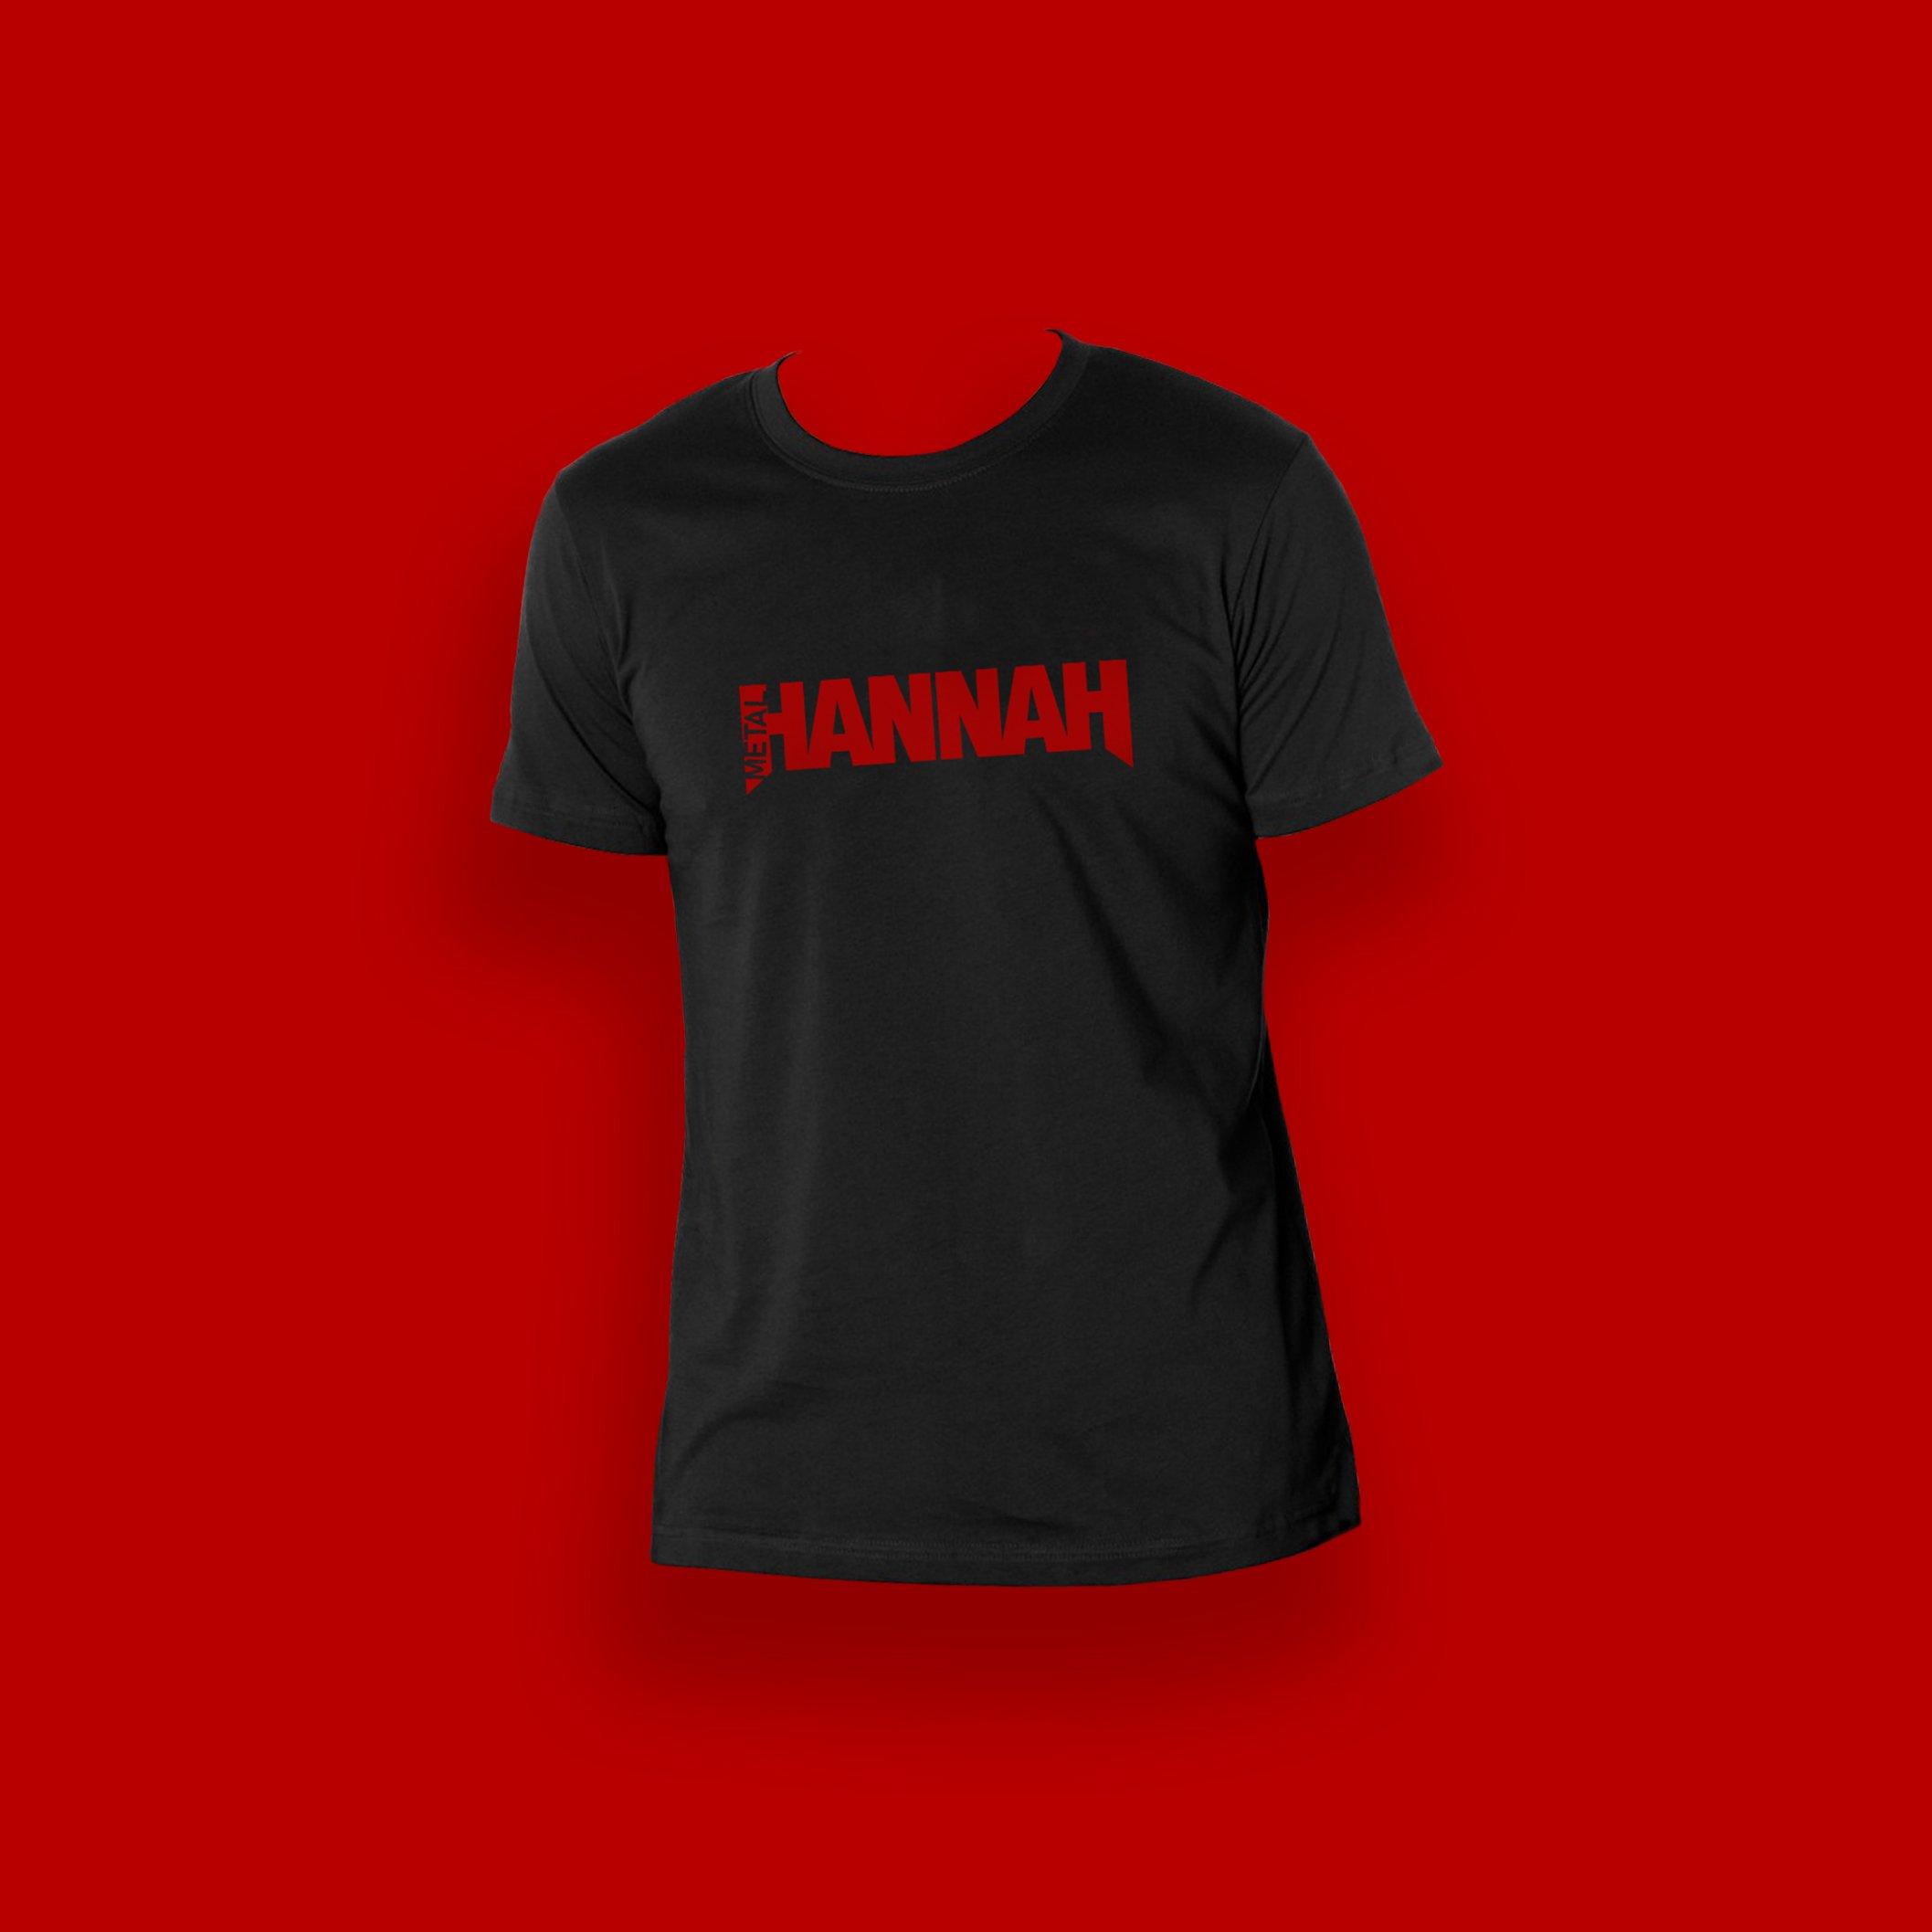 Metal Hannah Tee - Black